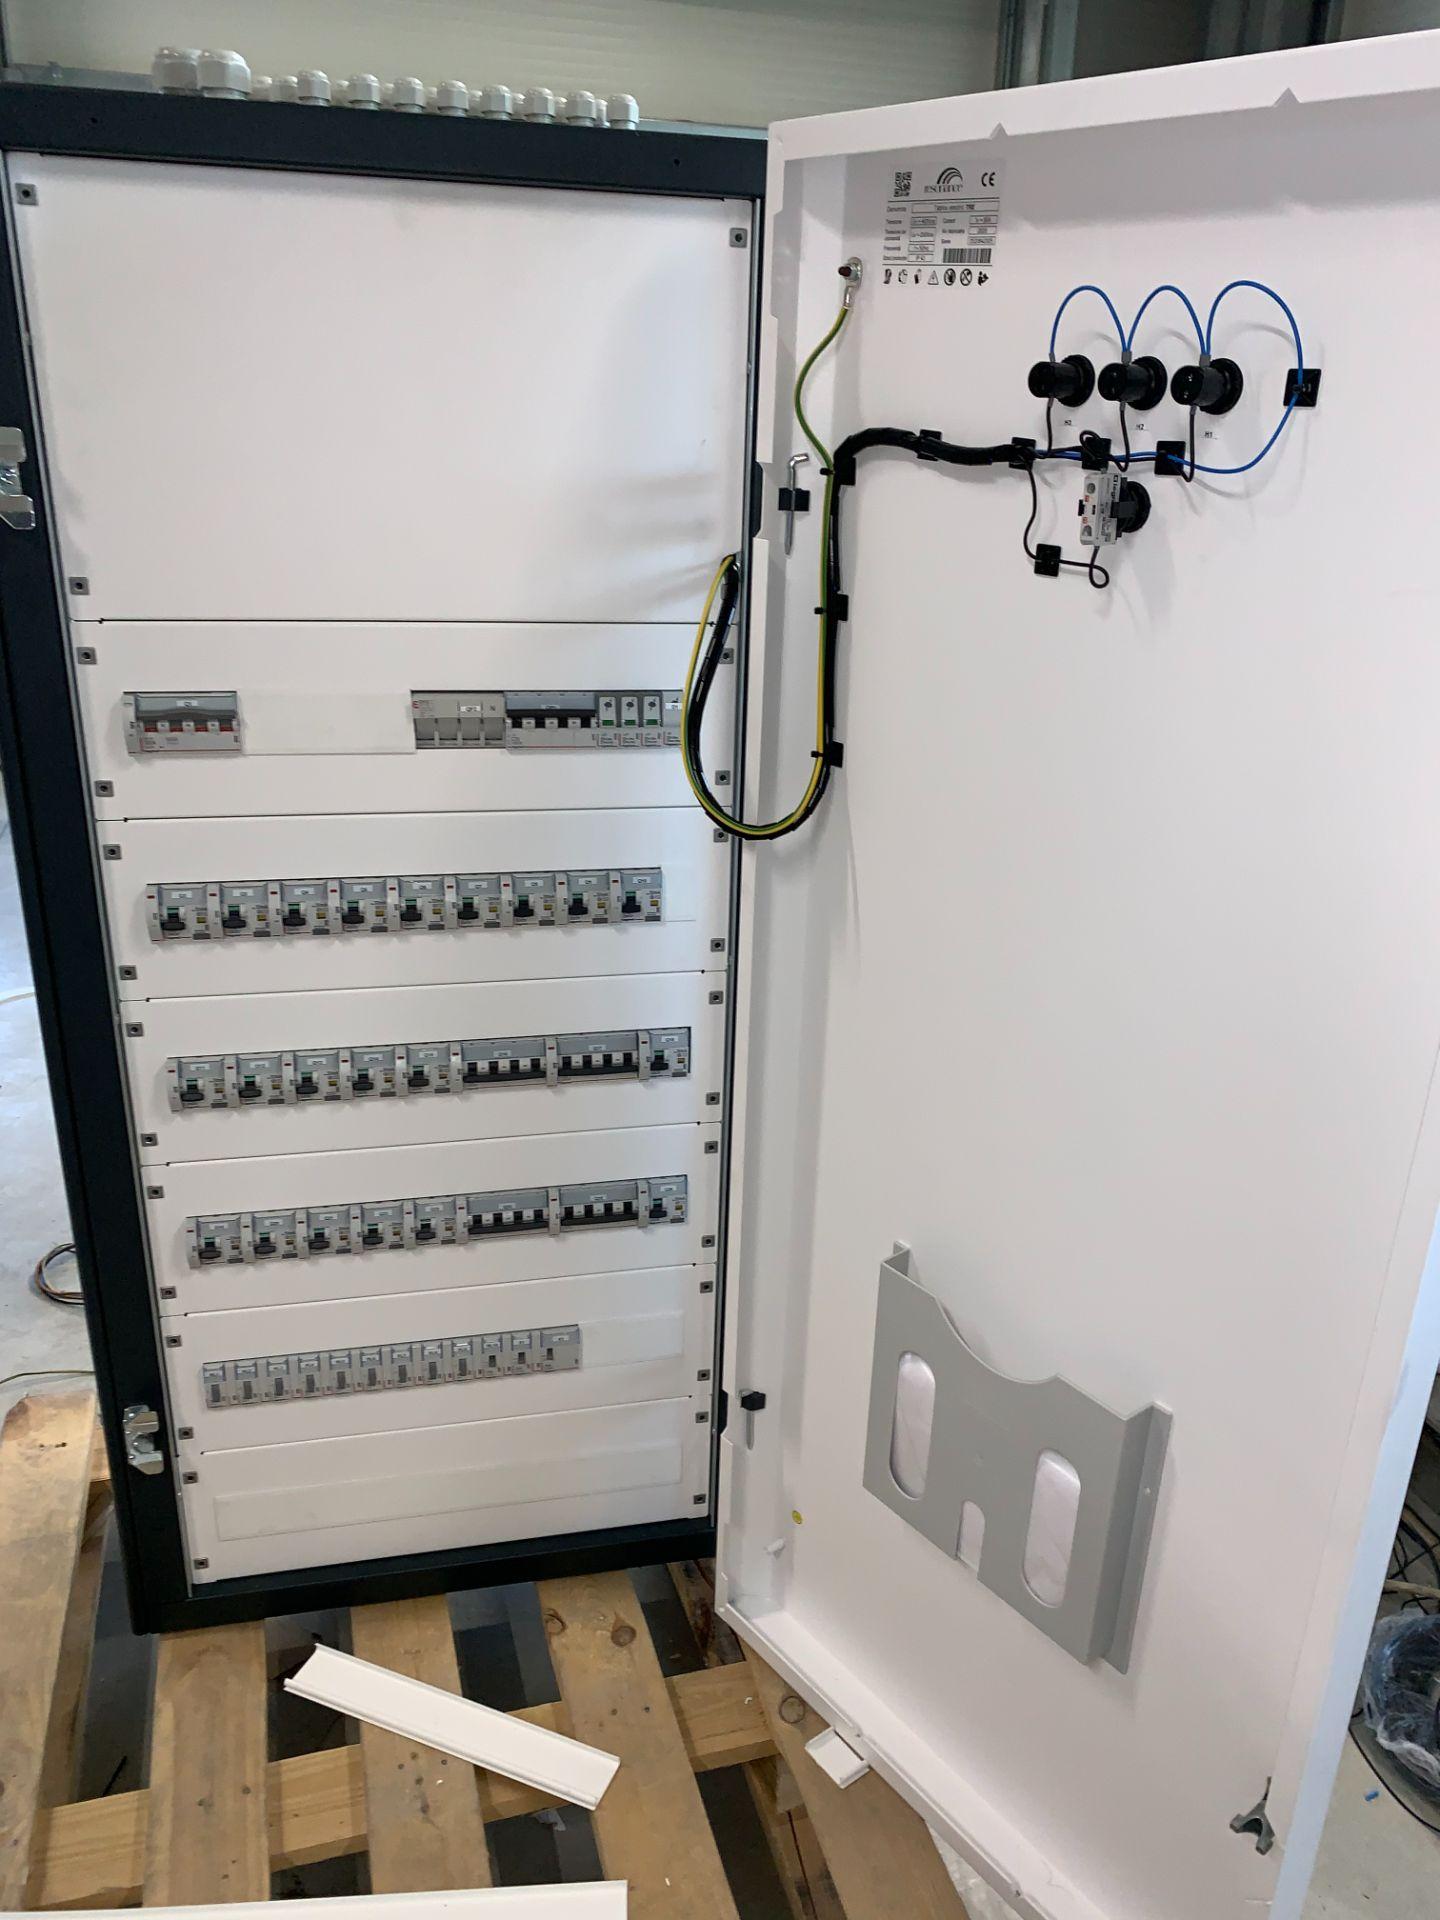 Tablouri electrice și automatizări IMG 1770